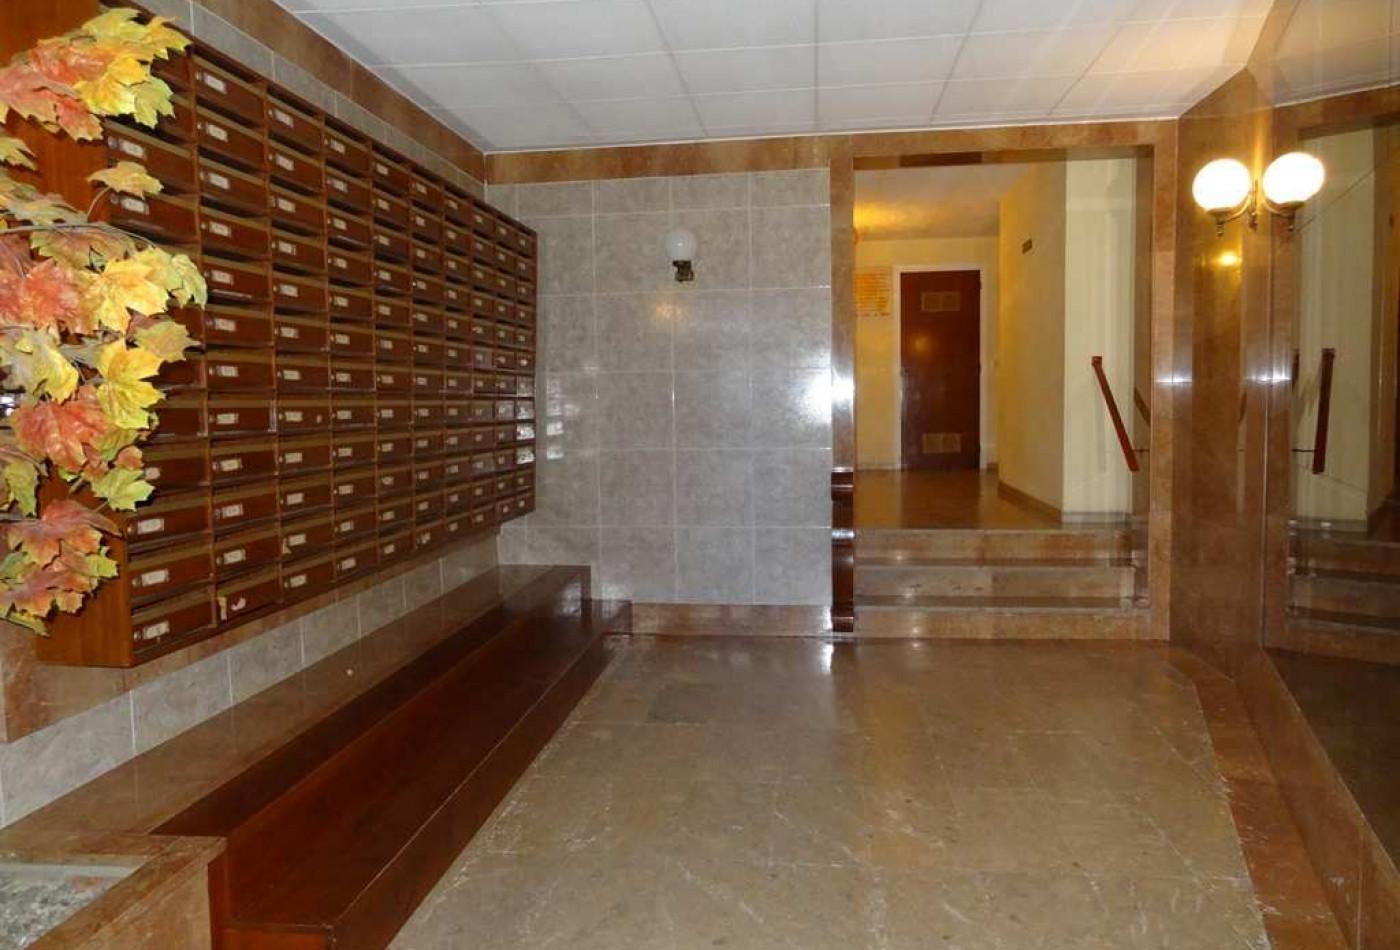 A vendre  Empuriabrava   Réf 11027450 - M&m immobilier